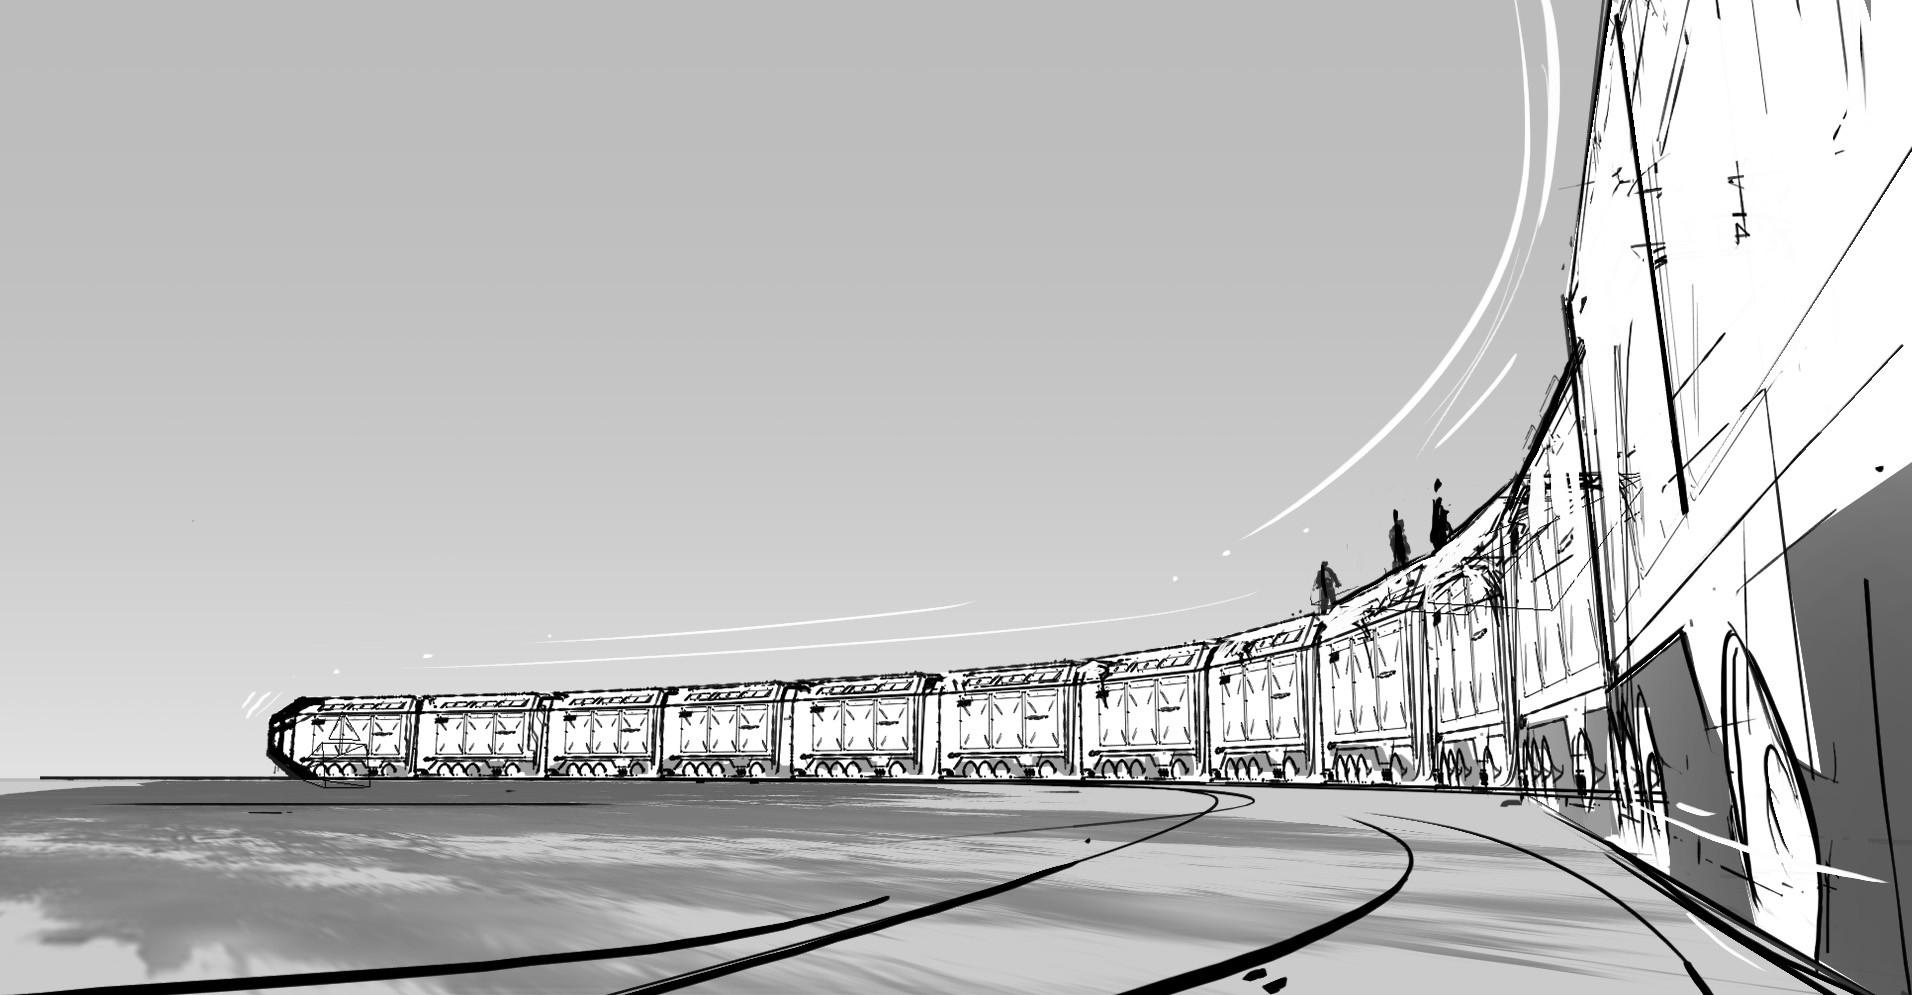 Henrik lundblx train storyboard 3a